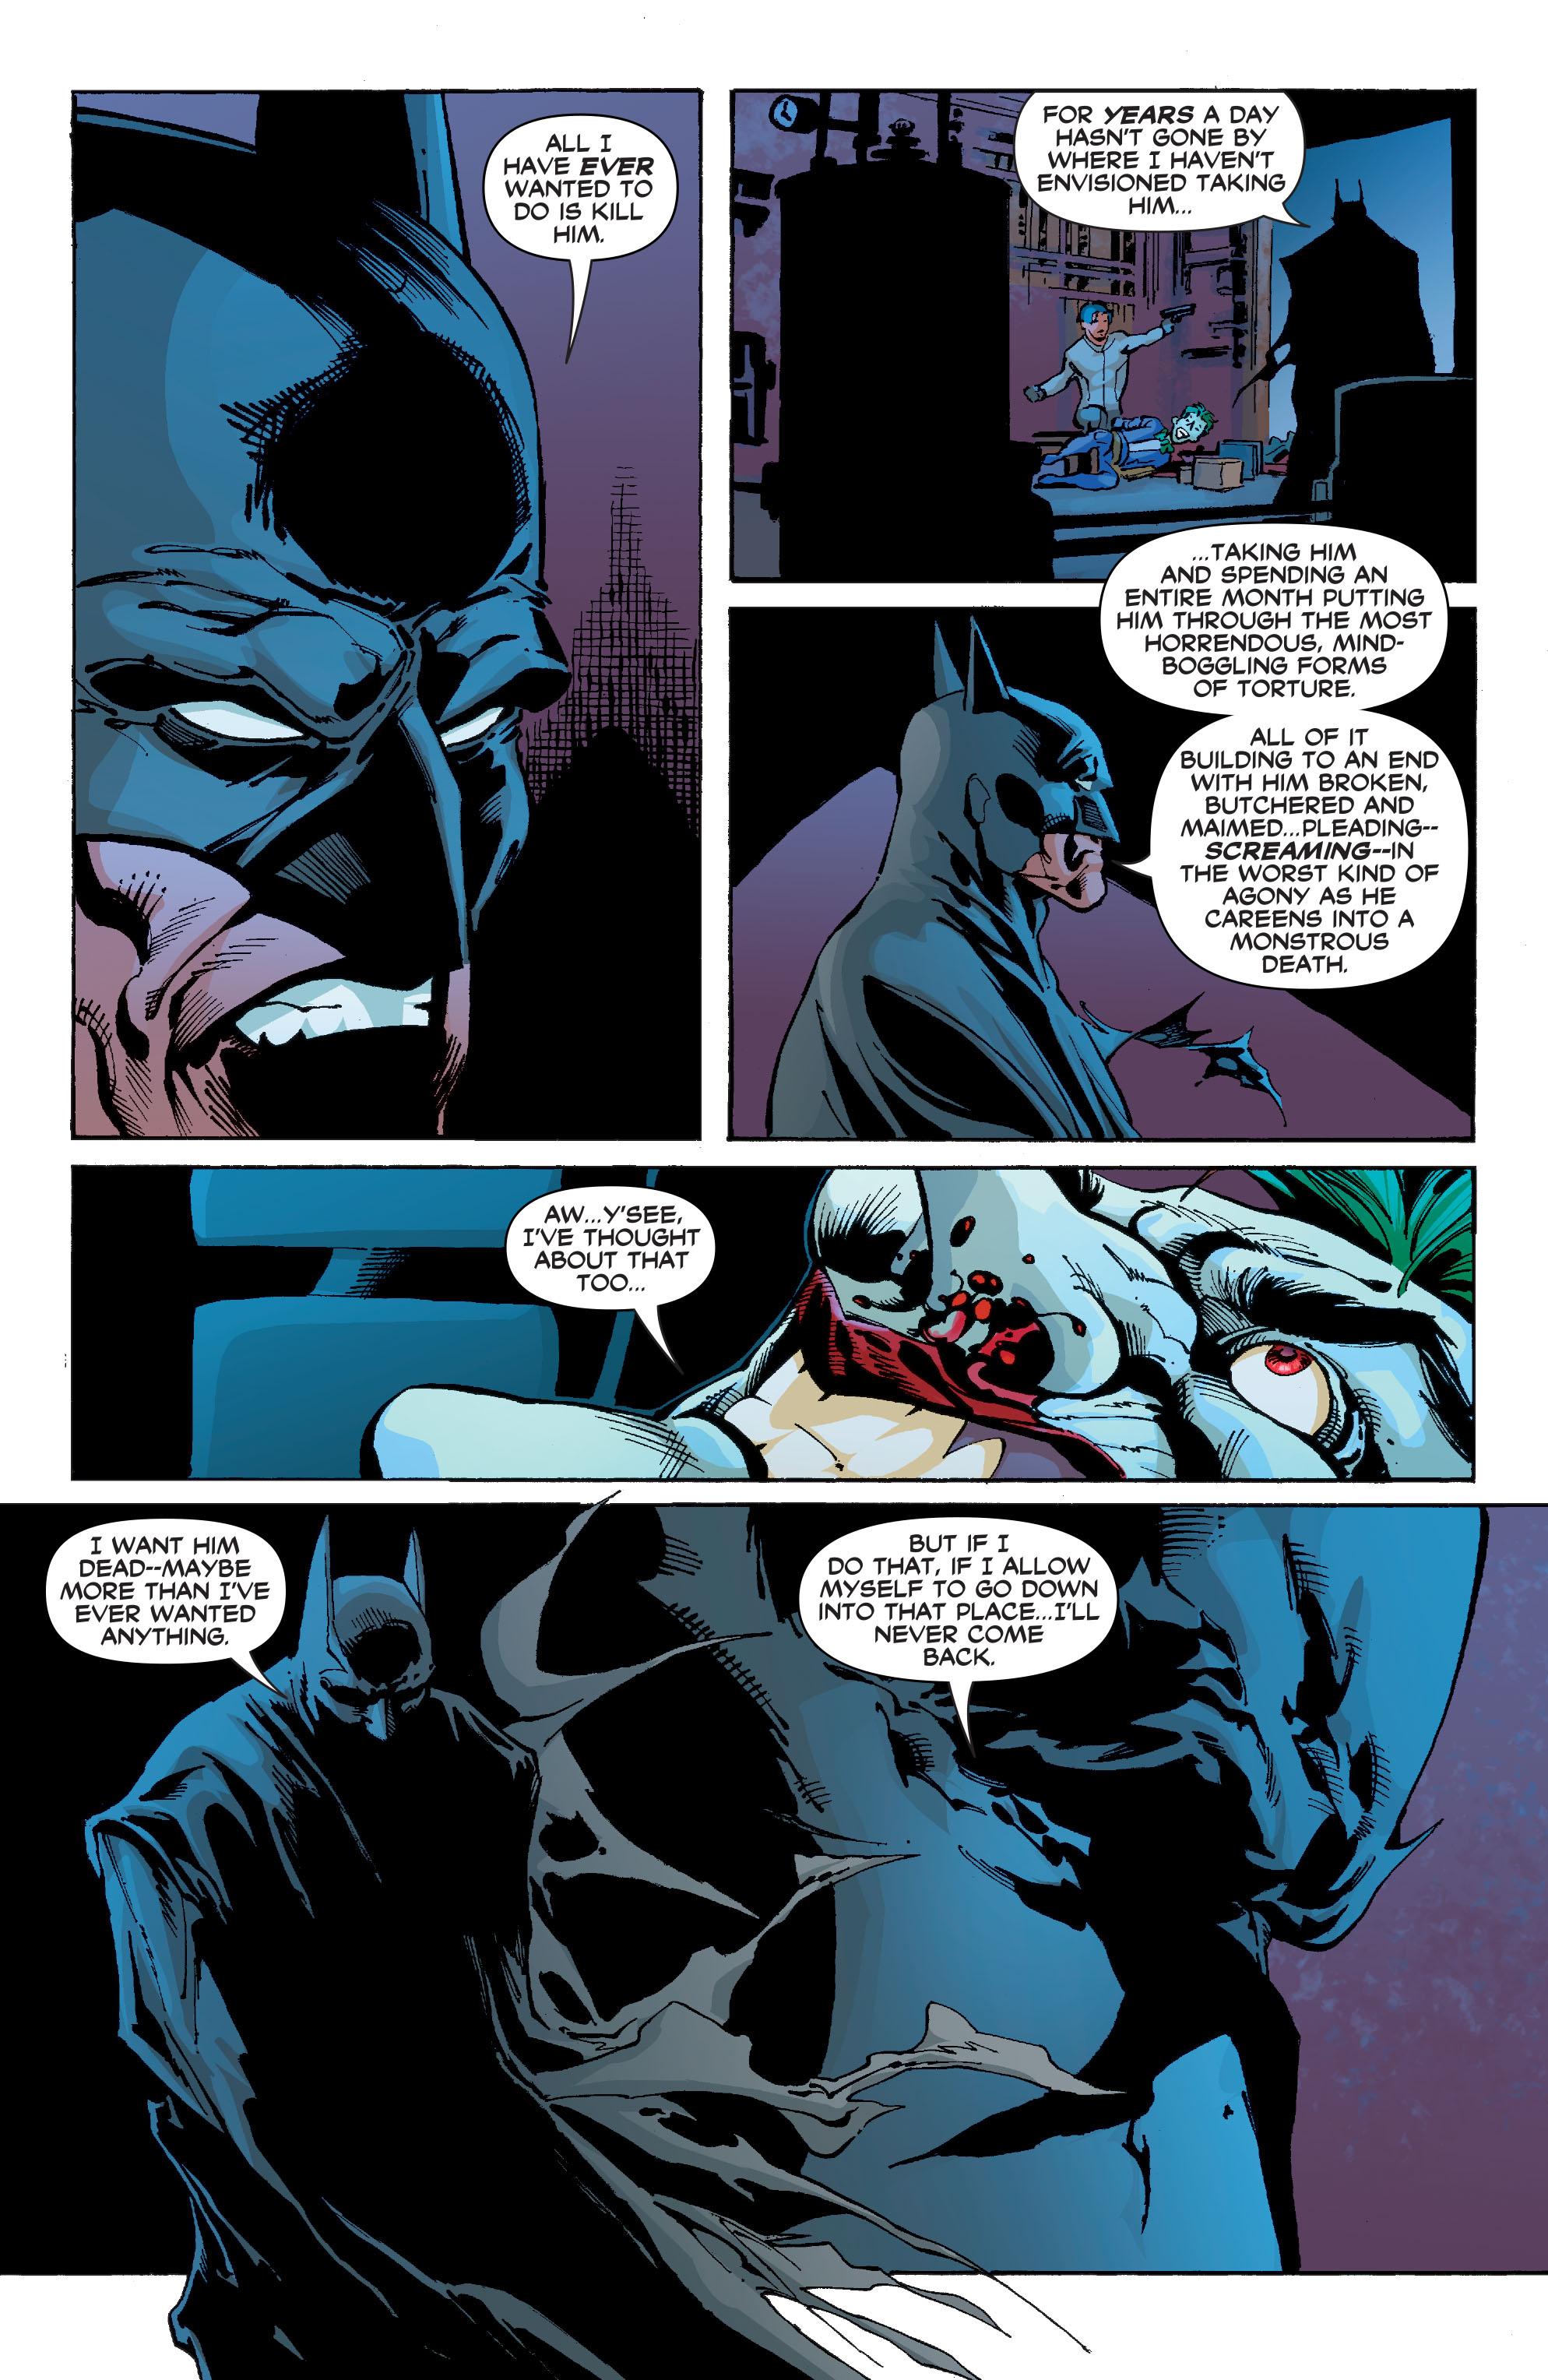 Psychology of Bruce Wayne AU1c-fkpuotnUH3EWYuQpi449r-esnJfet-8kKssaZ5hn-iRCWPVCYyqe14lefgLULJrLuHCrV-j=s0